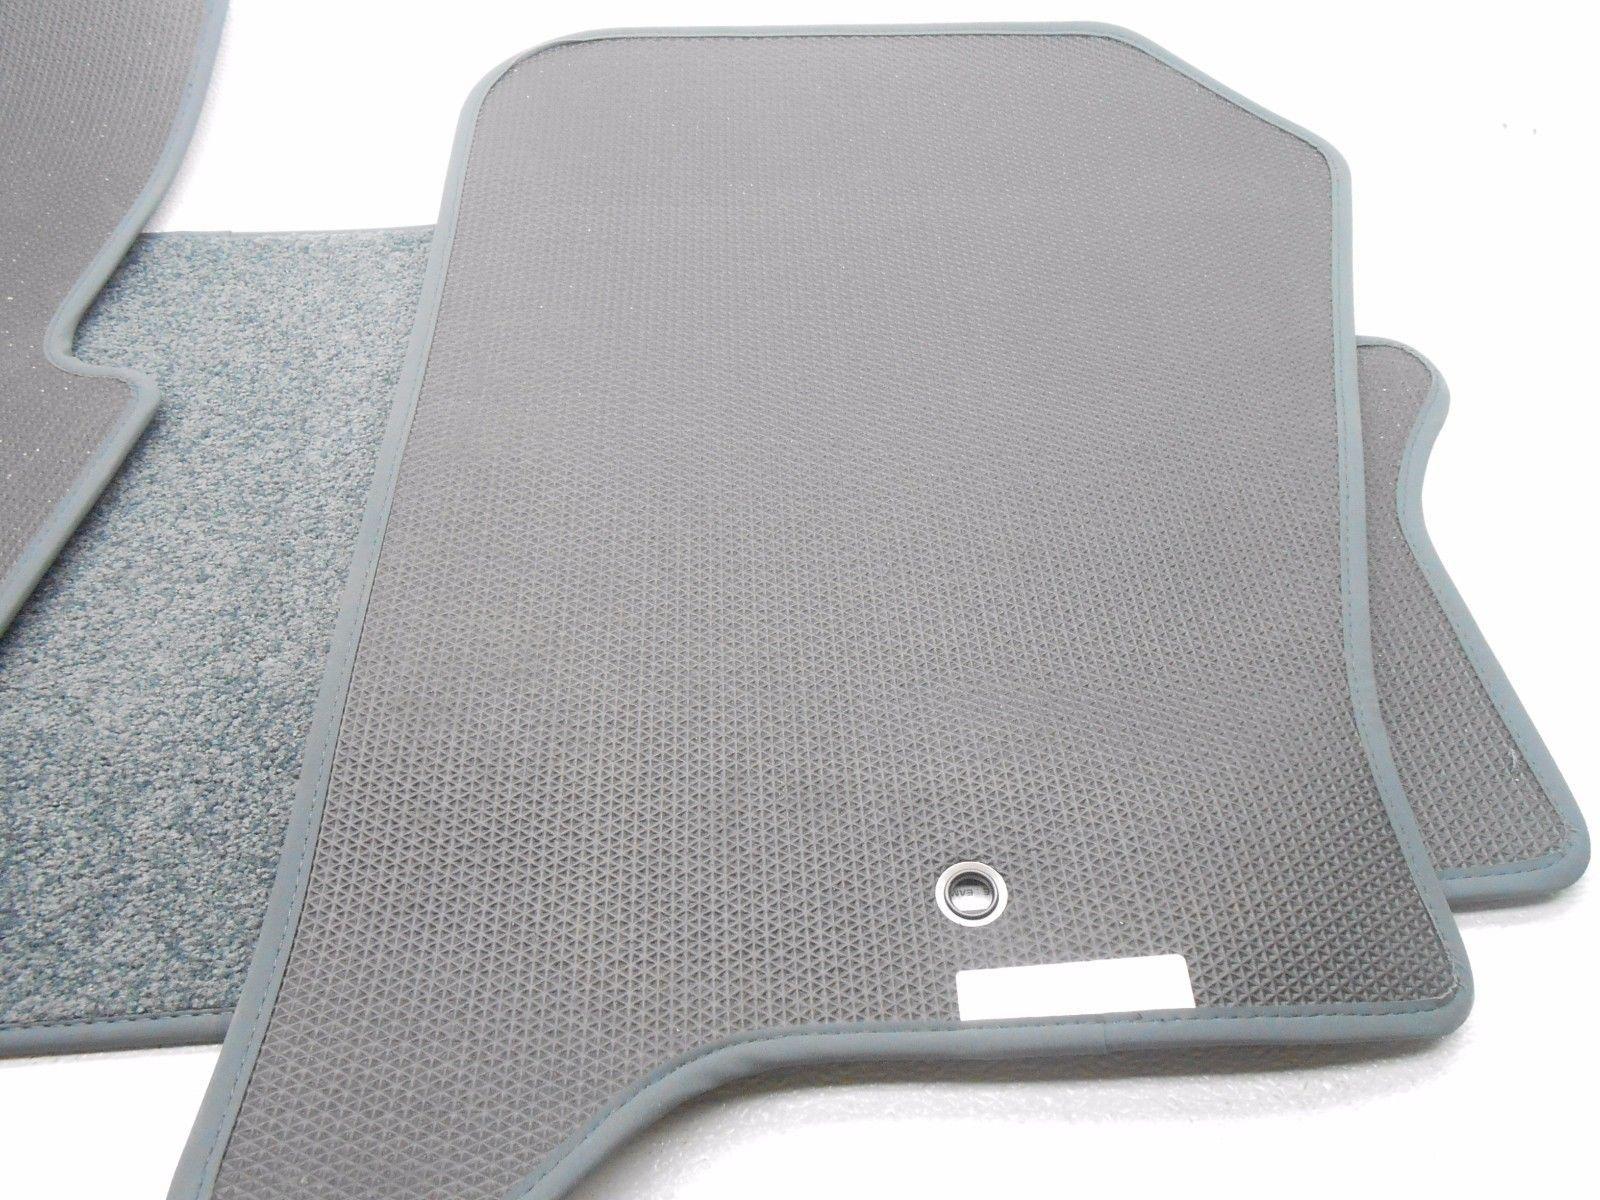 New Genuine Oem 2010 2013 Range Rover Sport Floor Mat Set